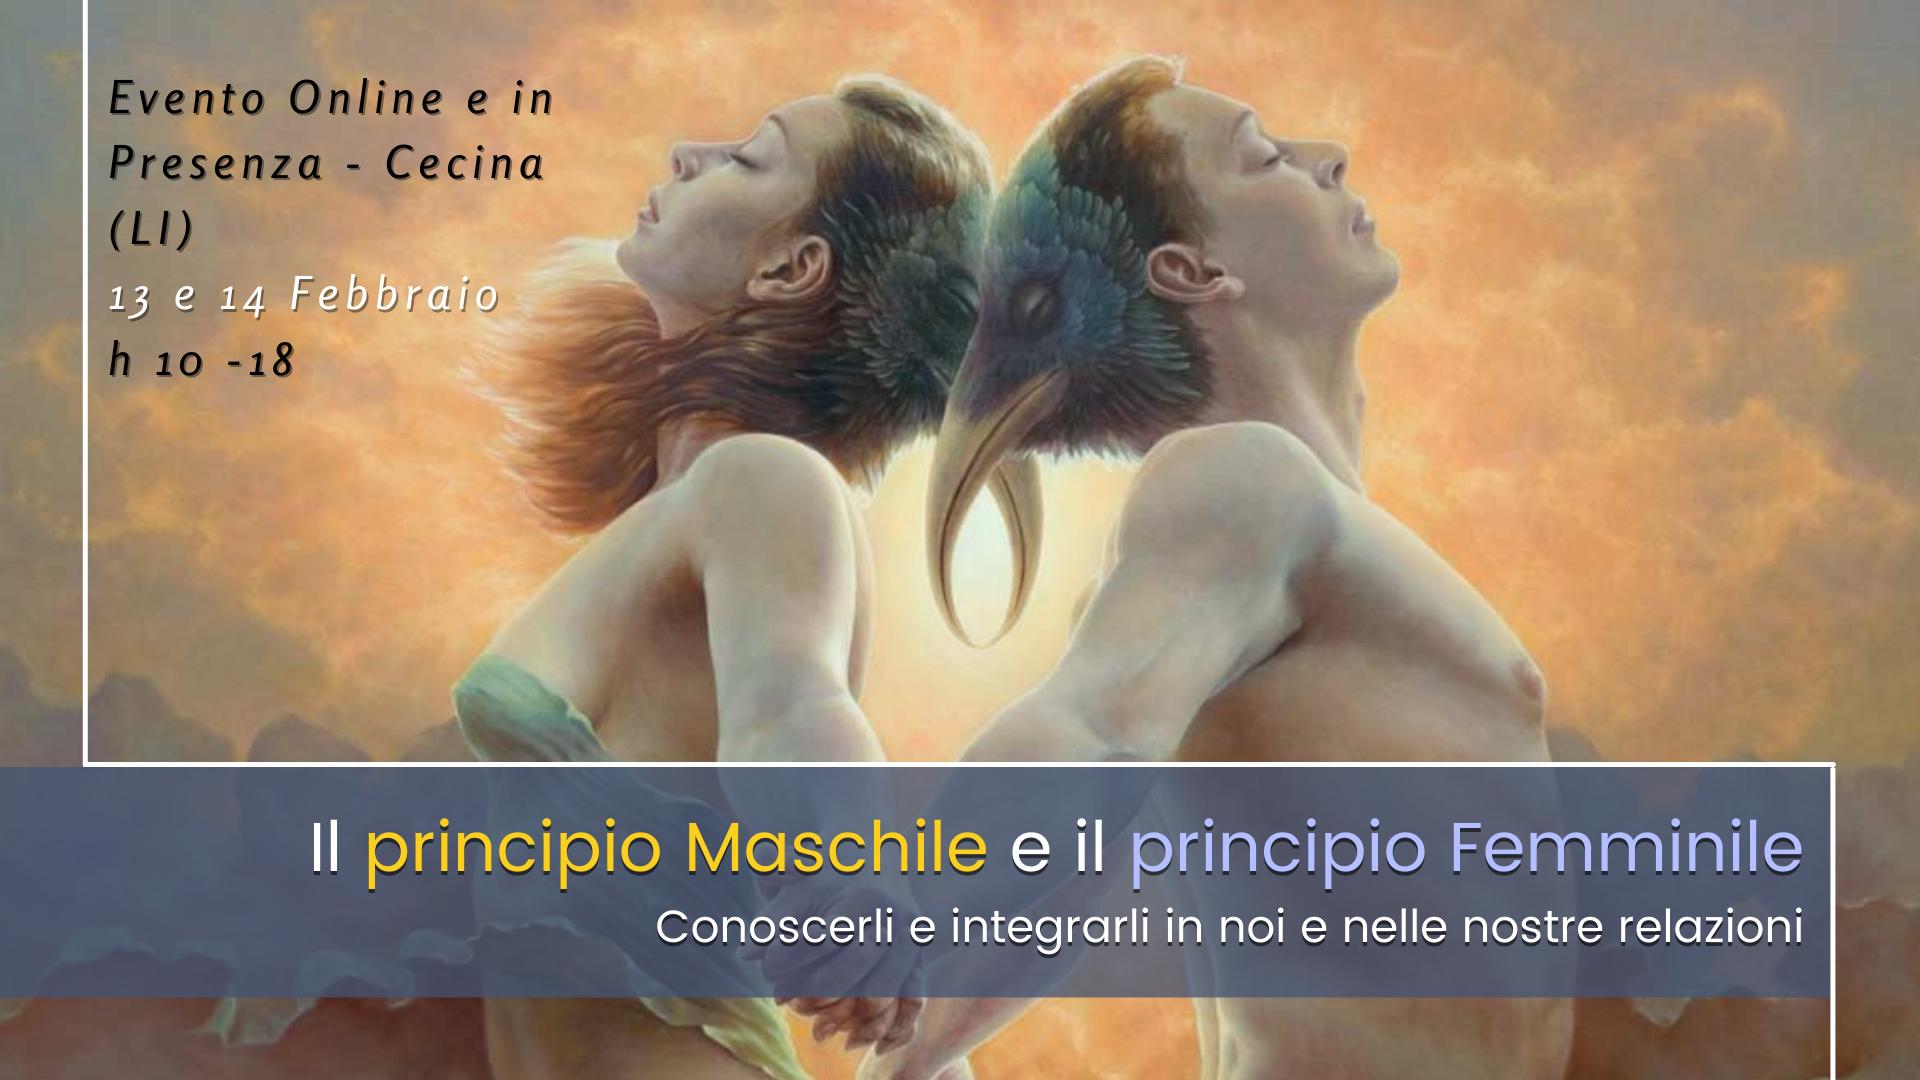 Il principio maschile e il principio femminile